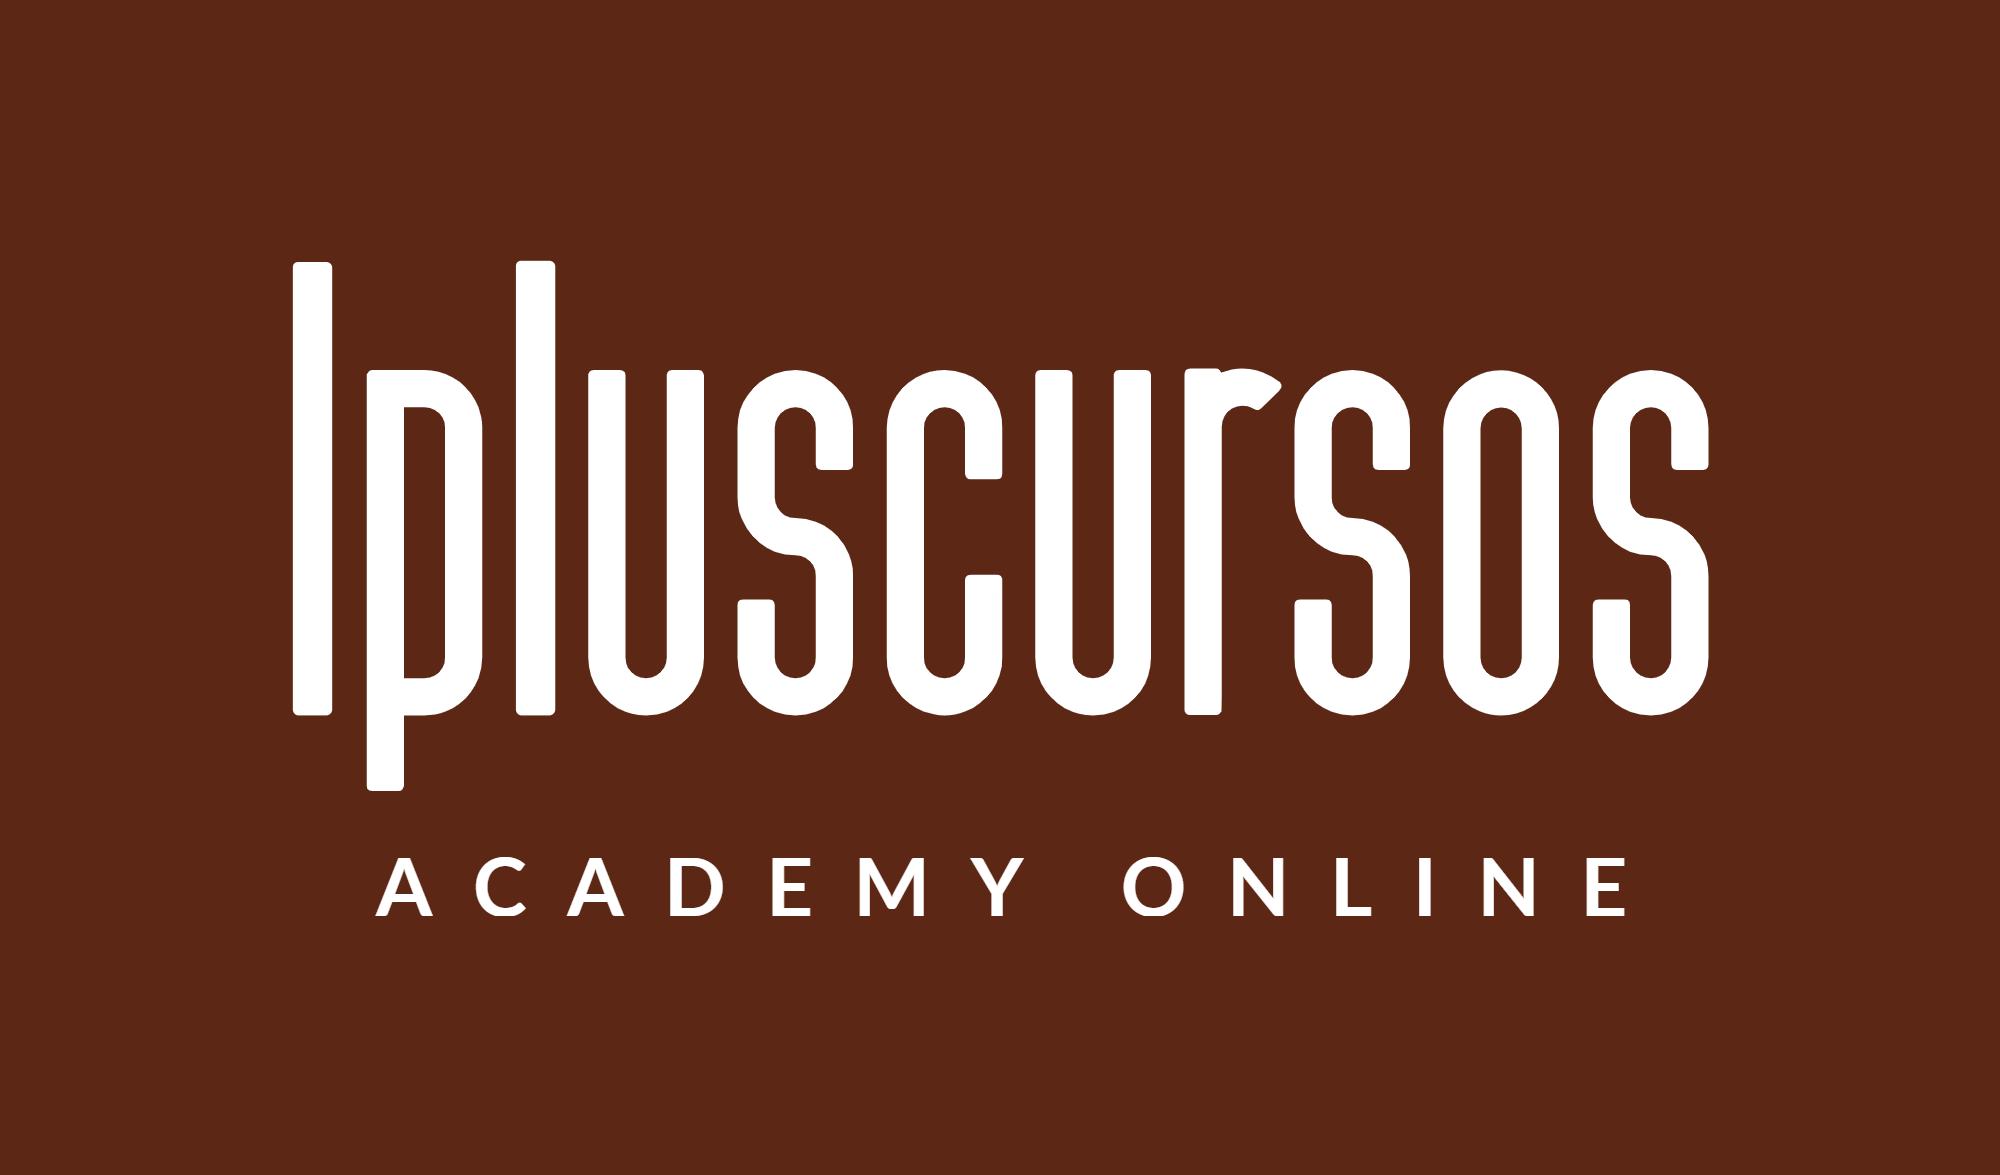 IPlusCursos